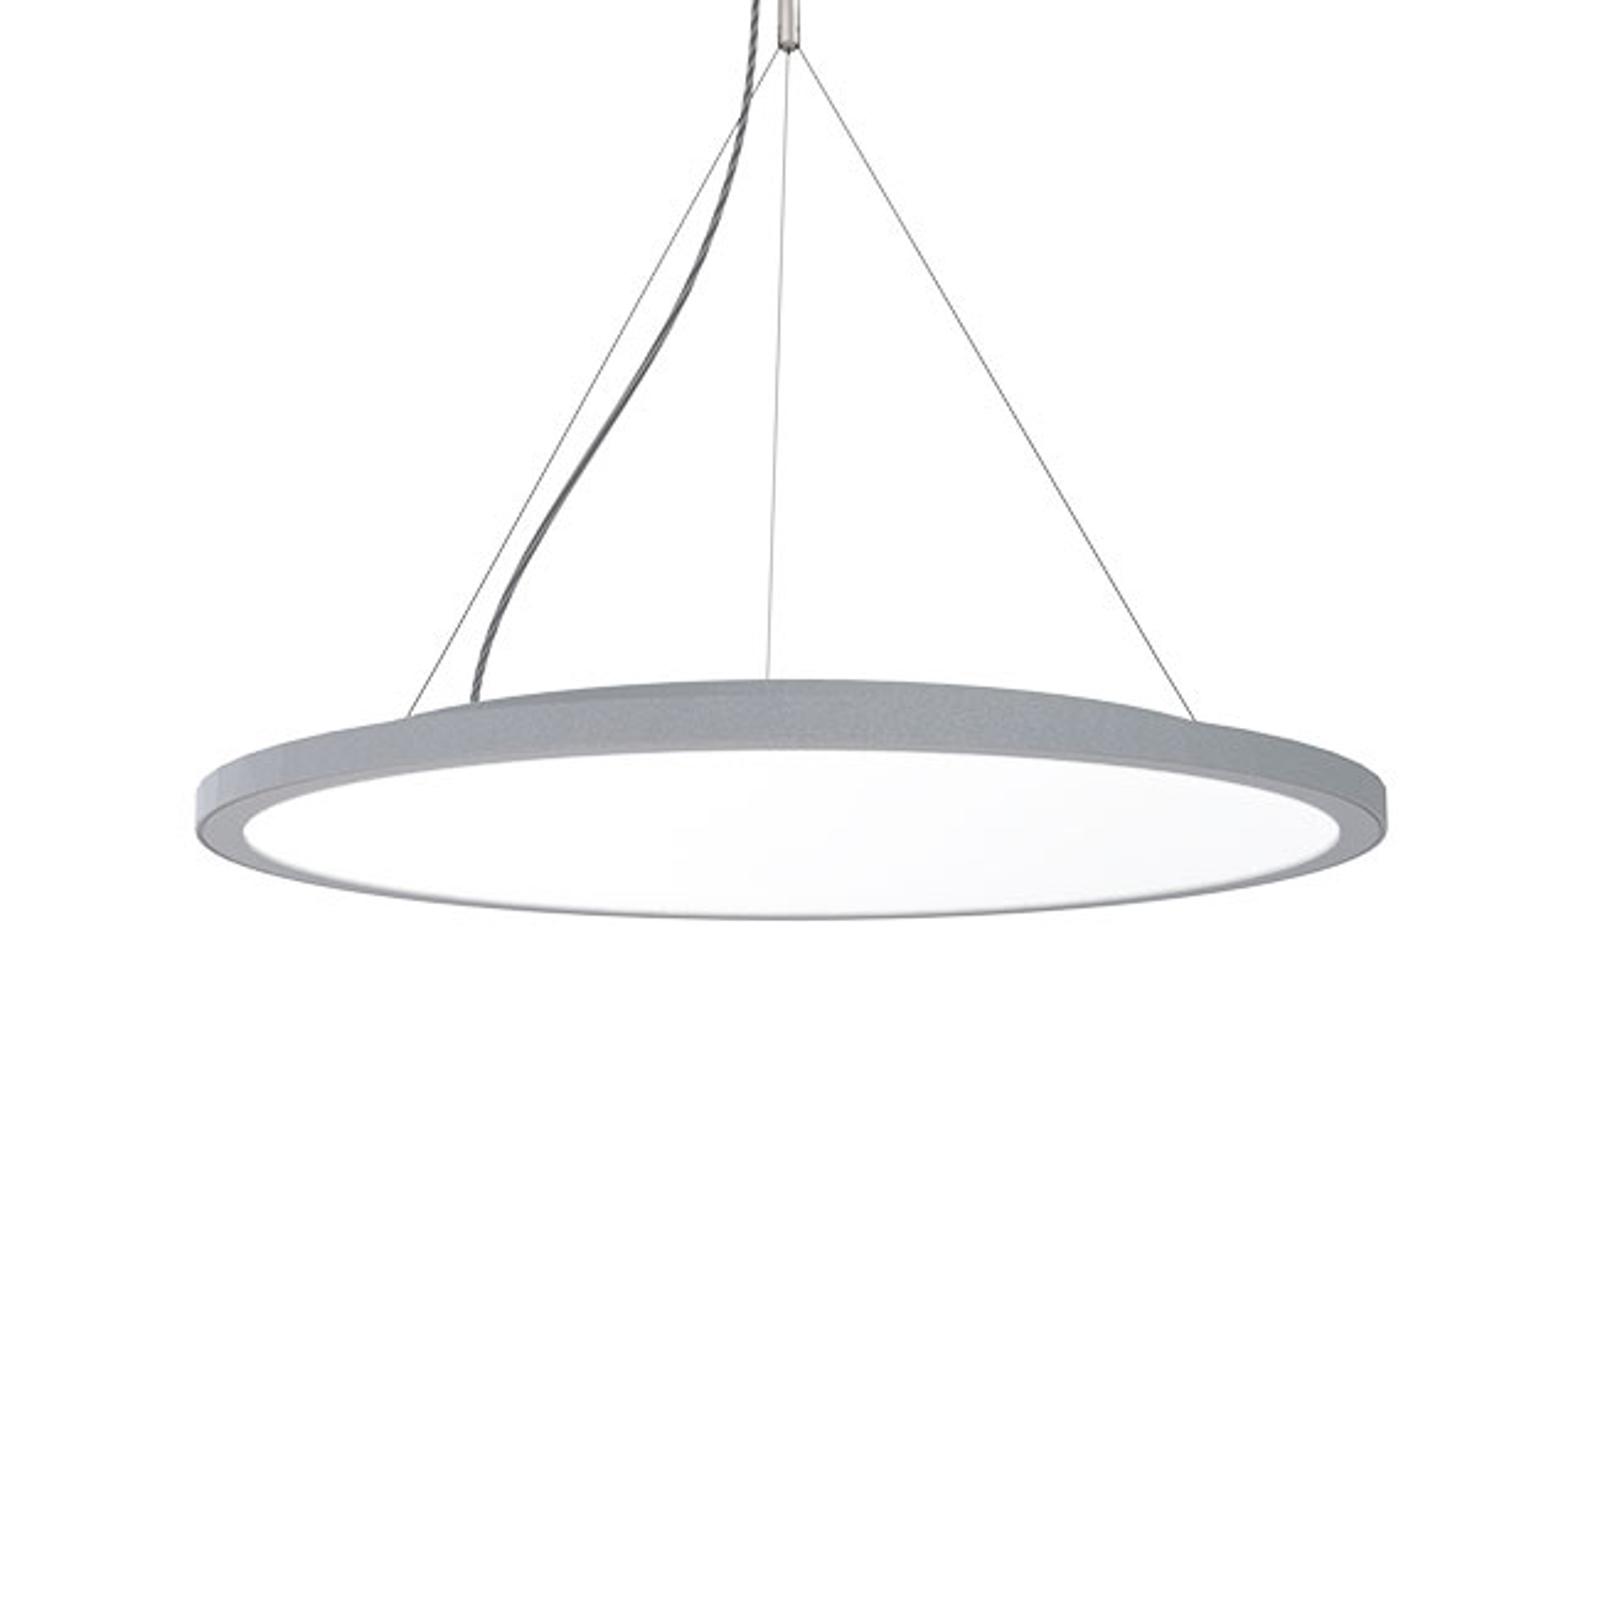 Billede af 0C95-P Circle grå hængelampe DALI-dæmp, 4.00K, 64W